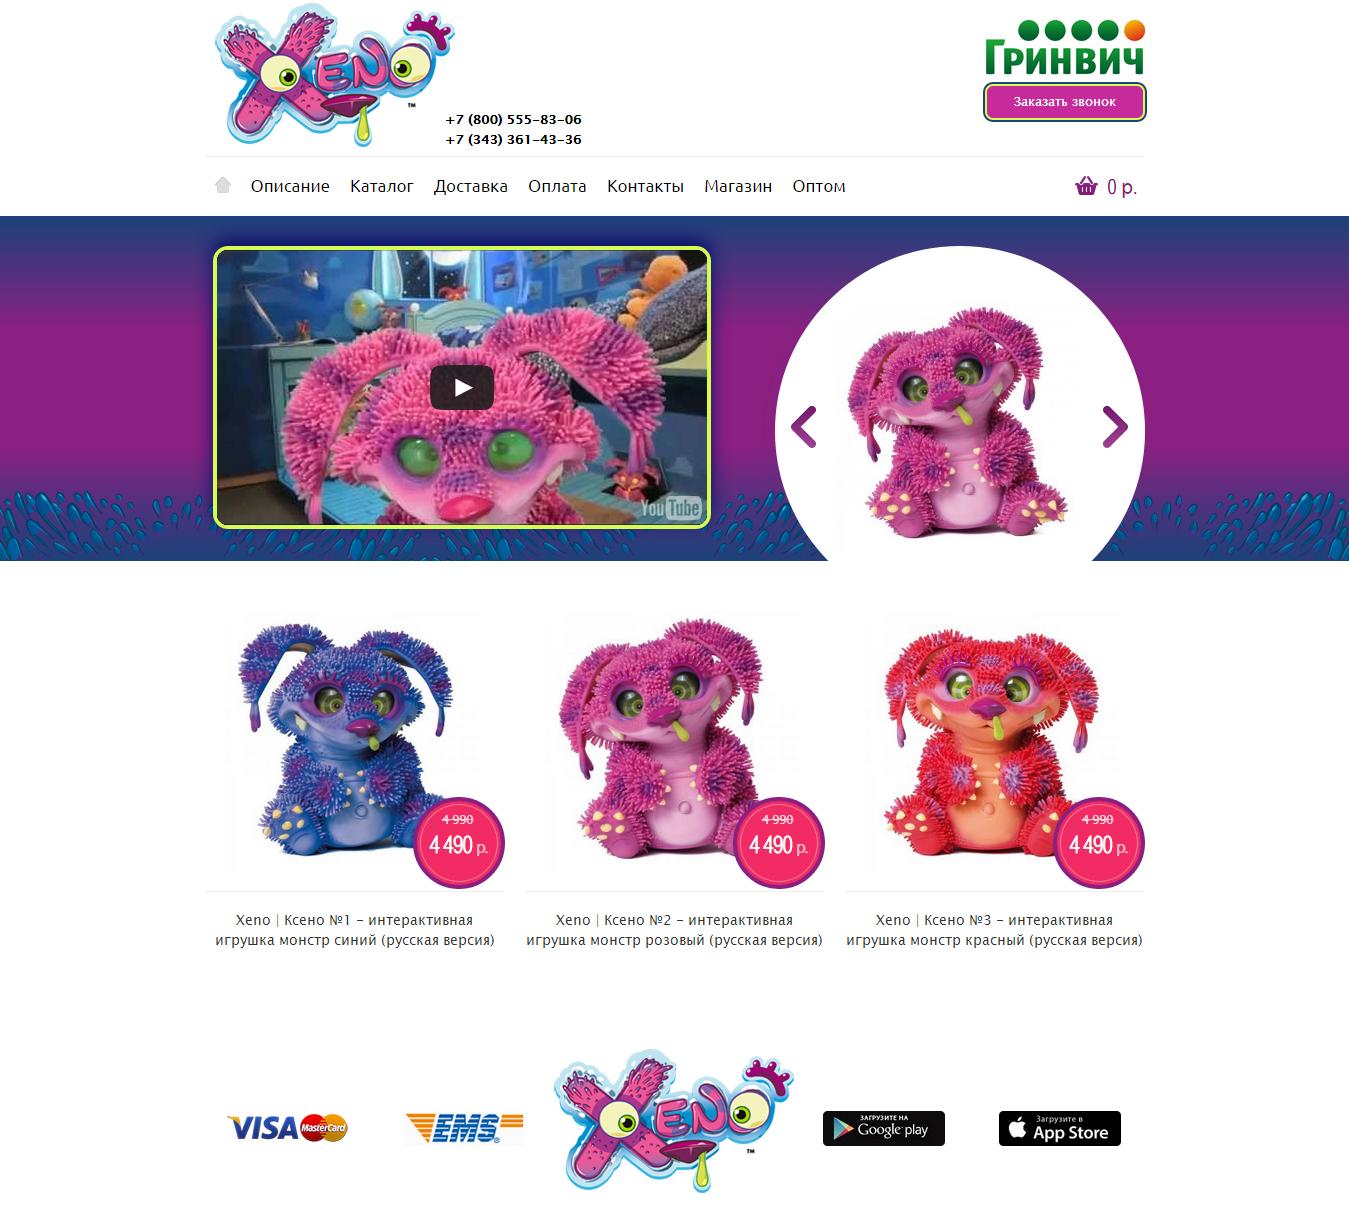 Сайт-визитка - Игрушка Xeno